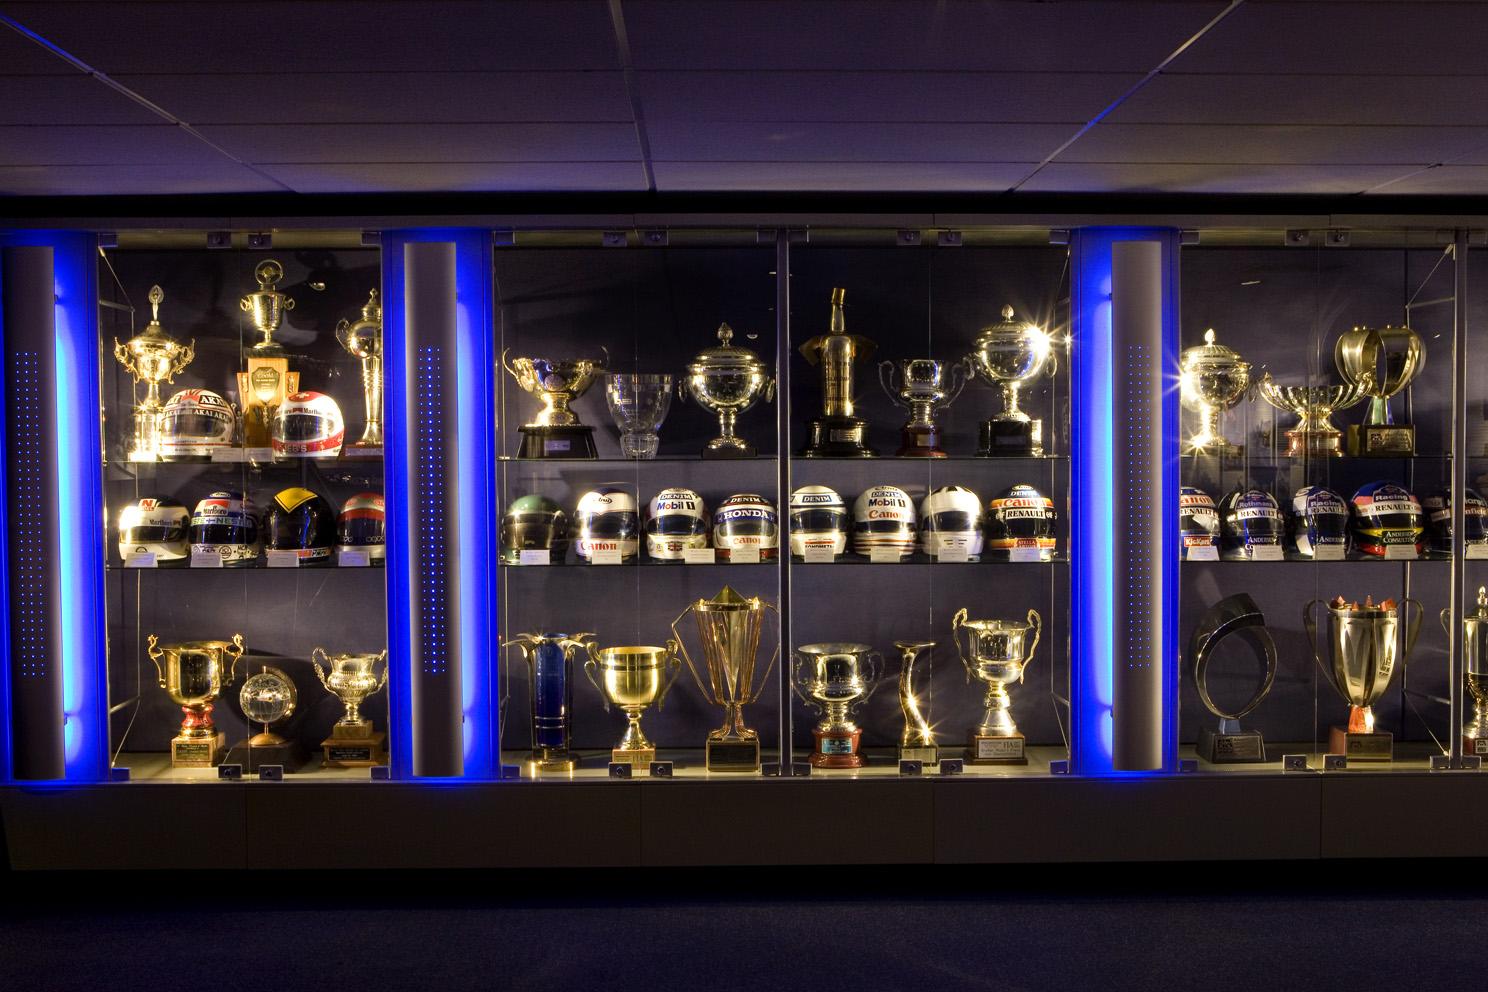 Williams F1 museum